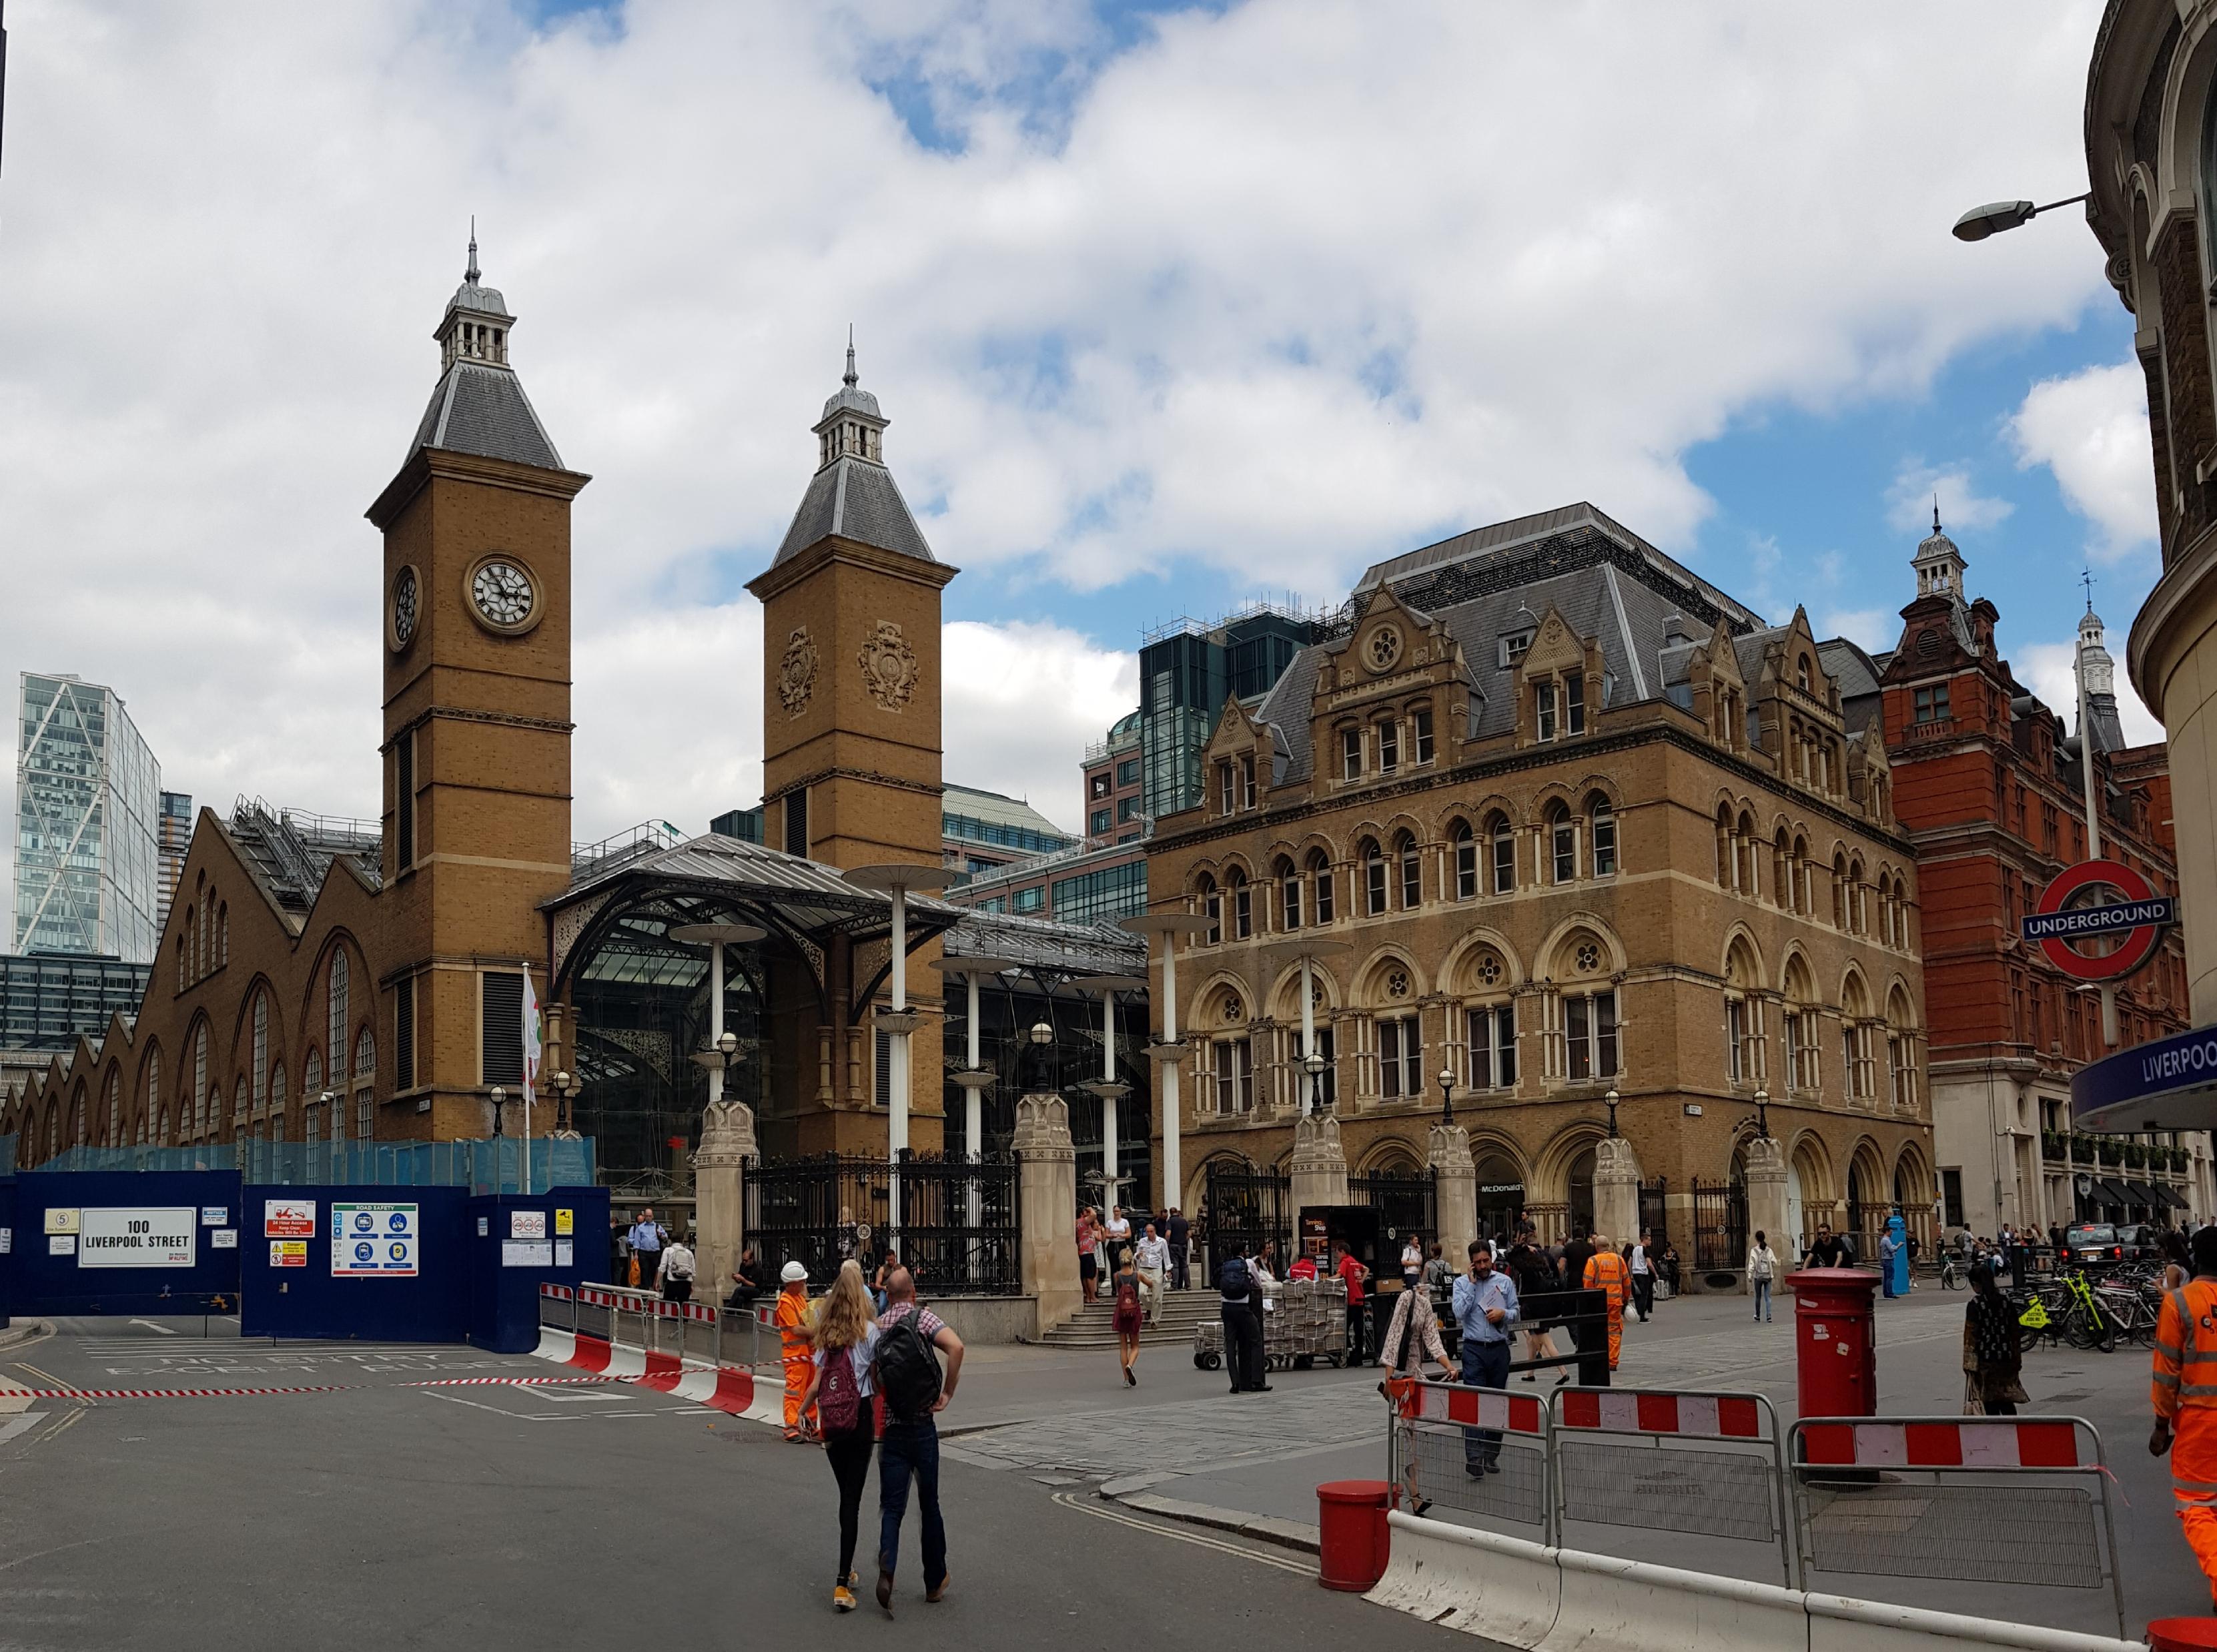 Liverpool loses world heritage status